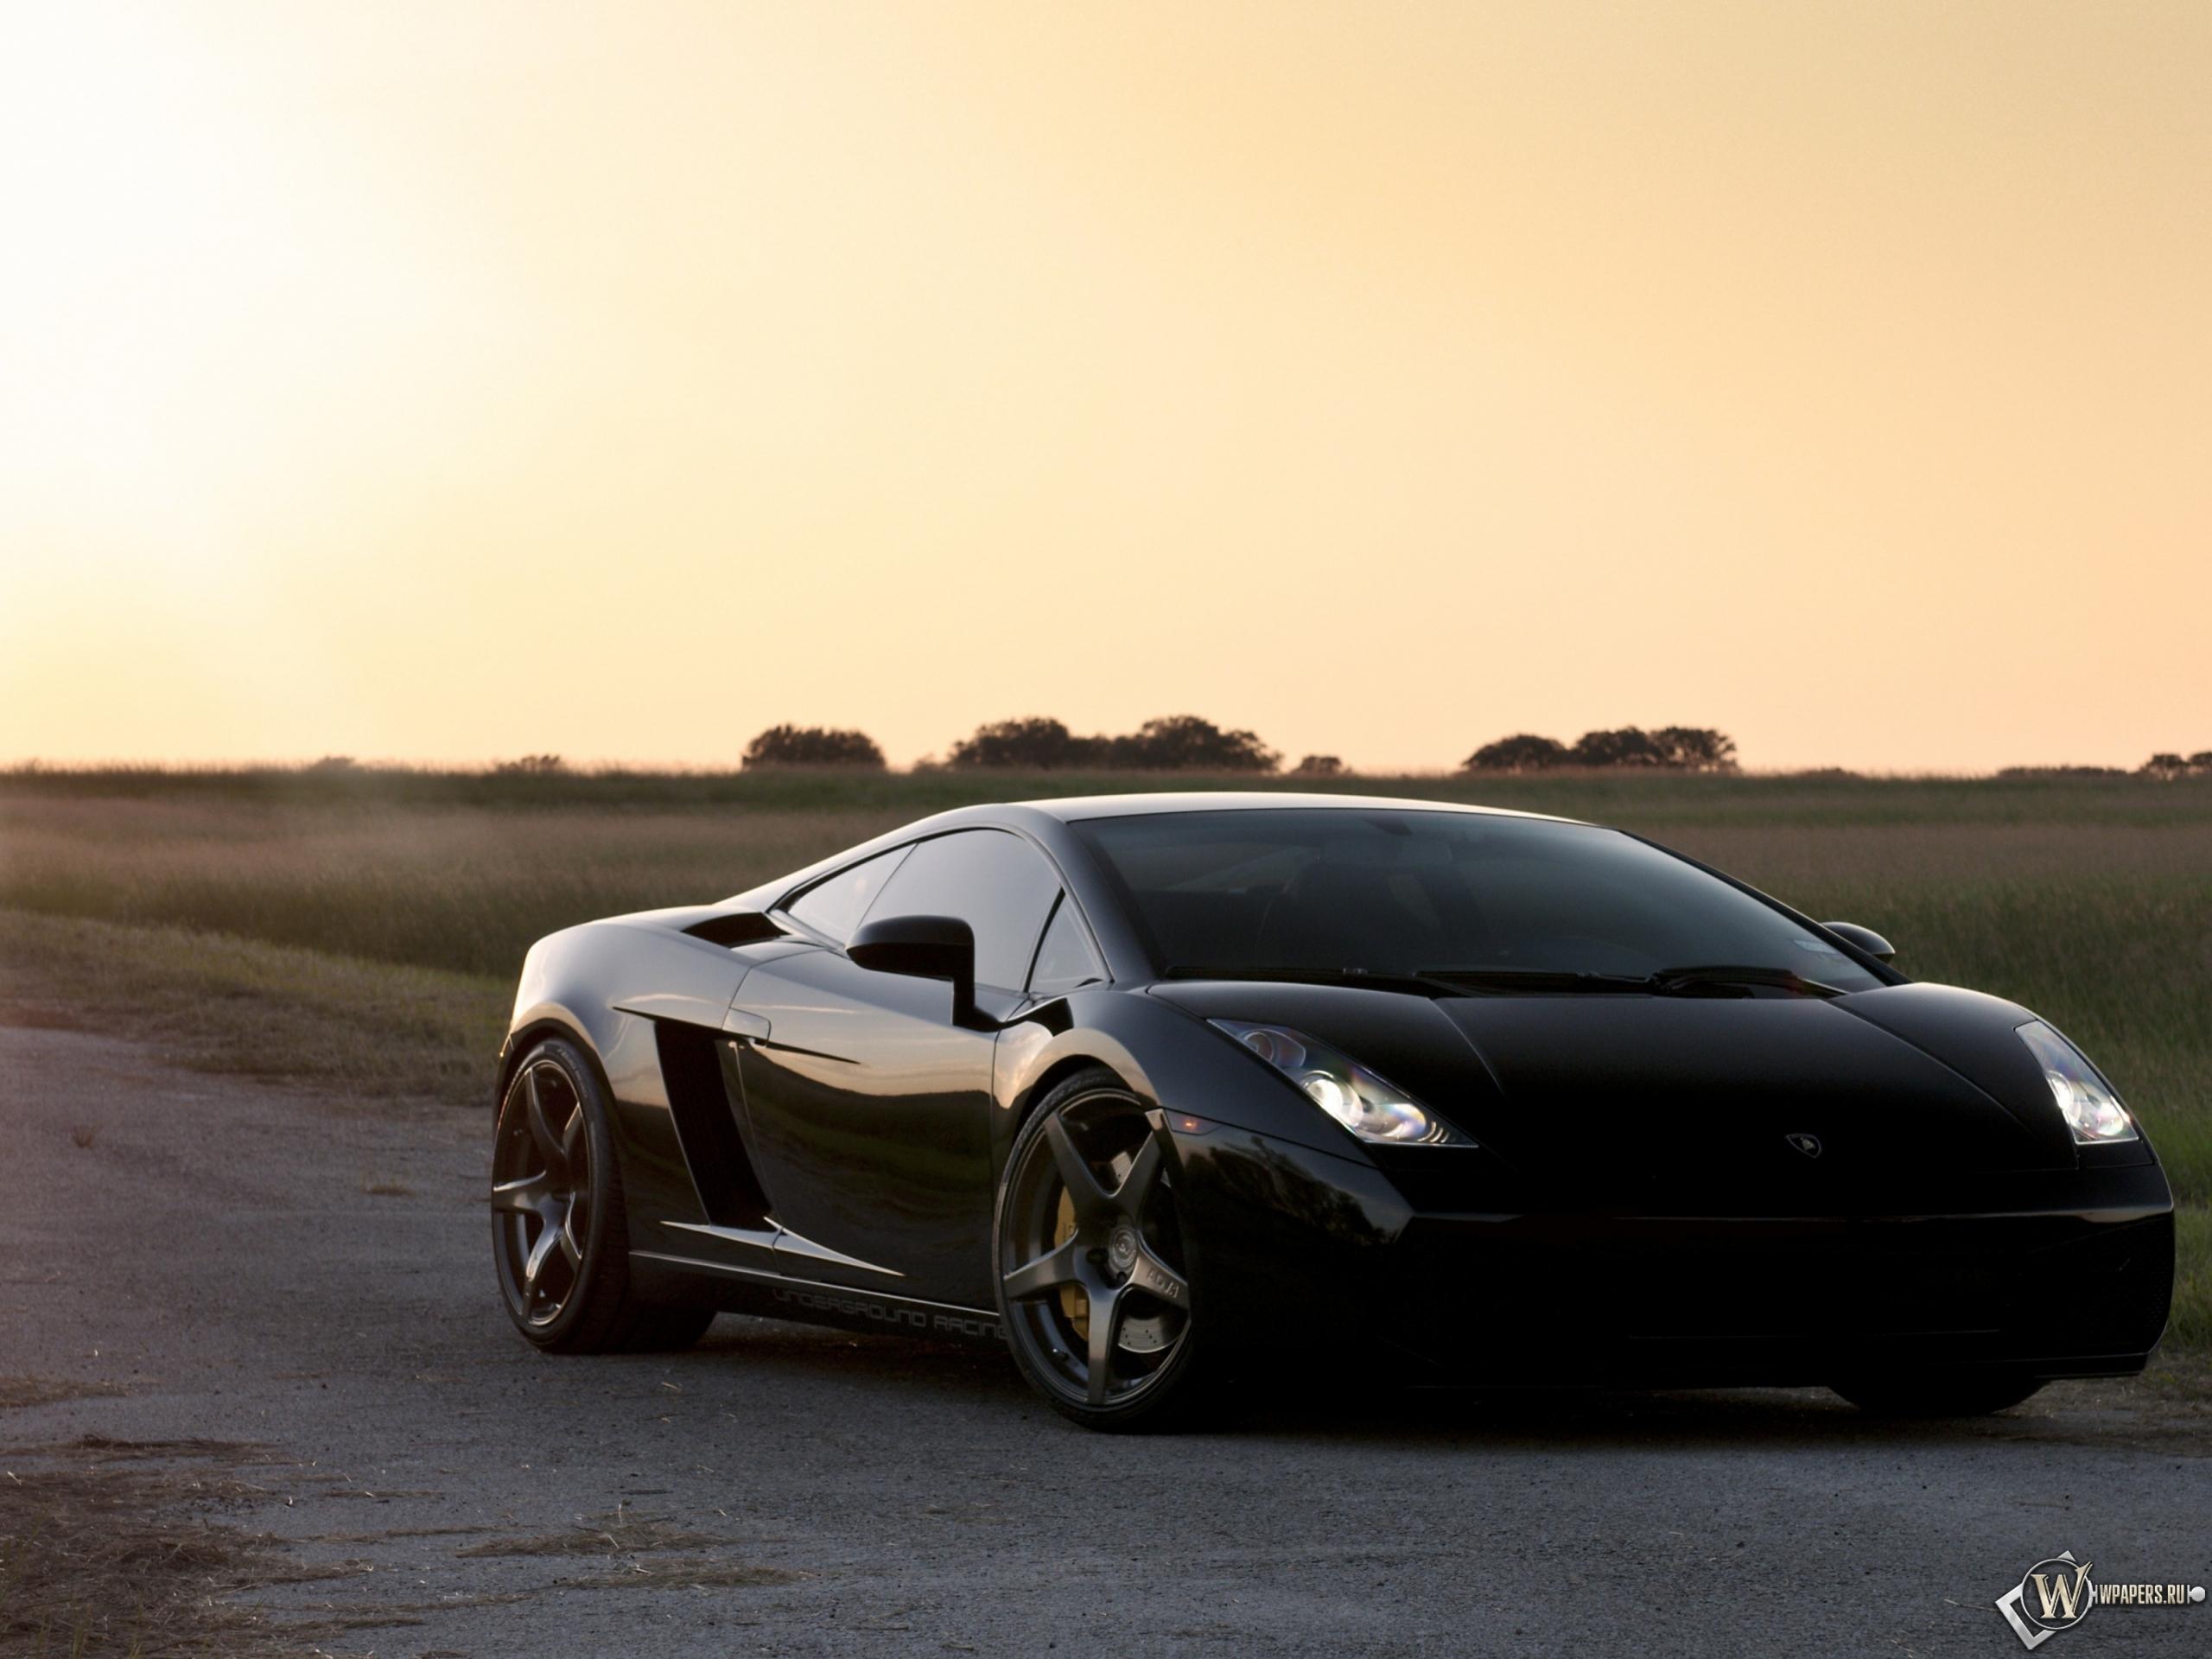 Lamborghini Gallardo 2560x1920